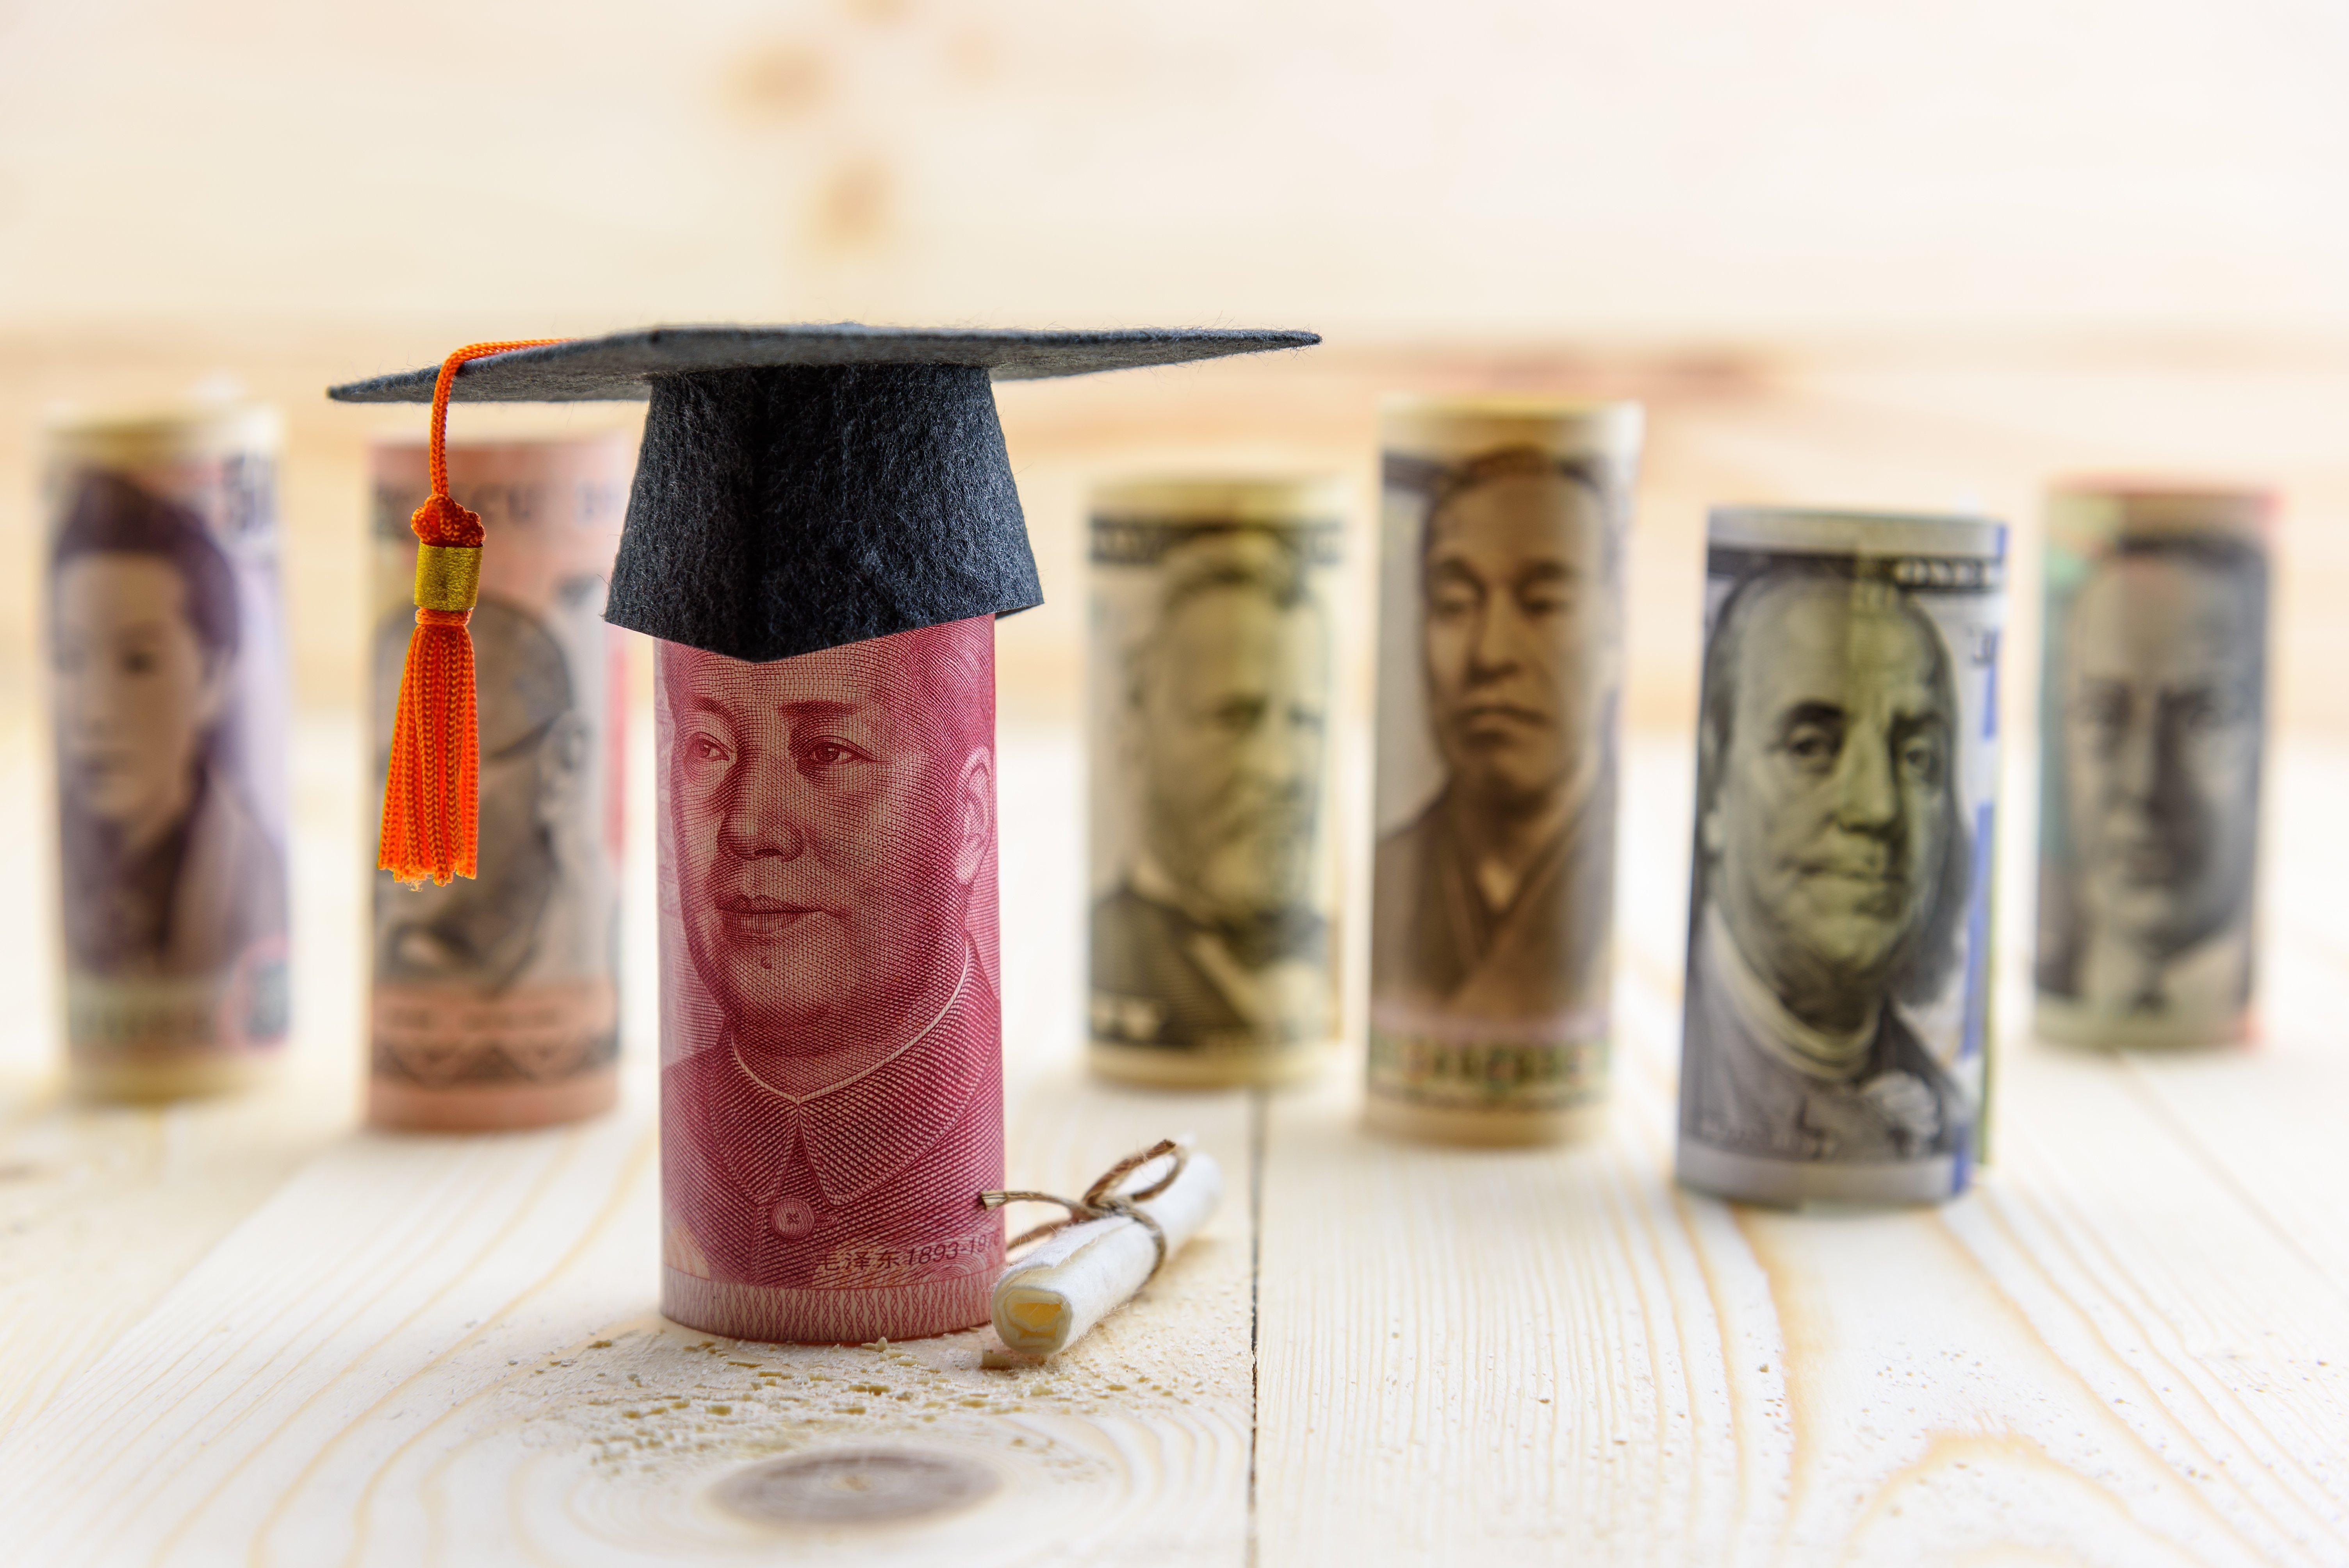 Chinese scholarship